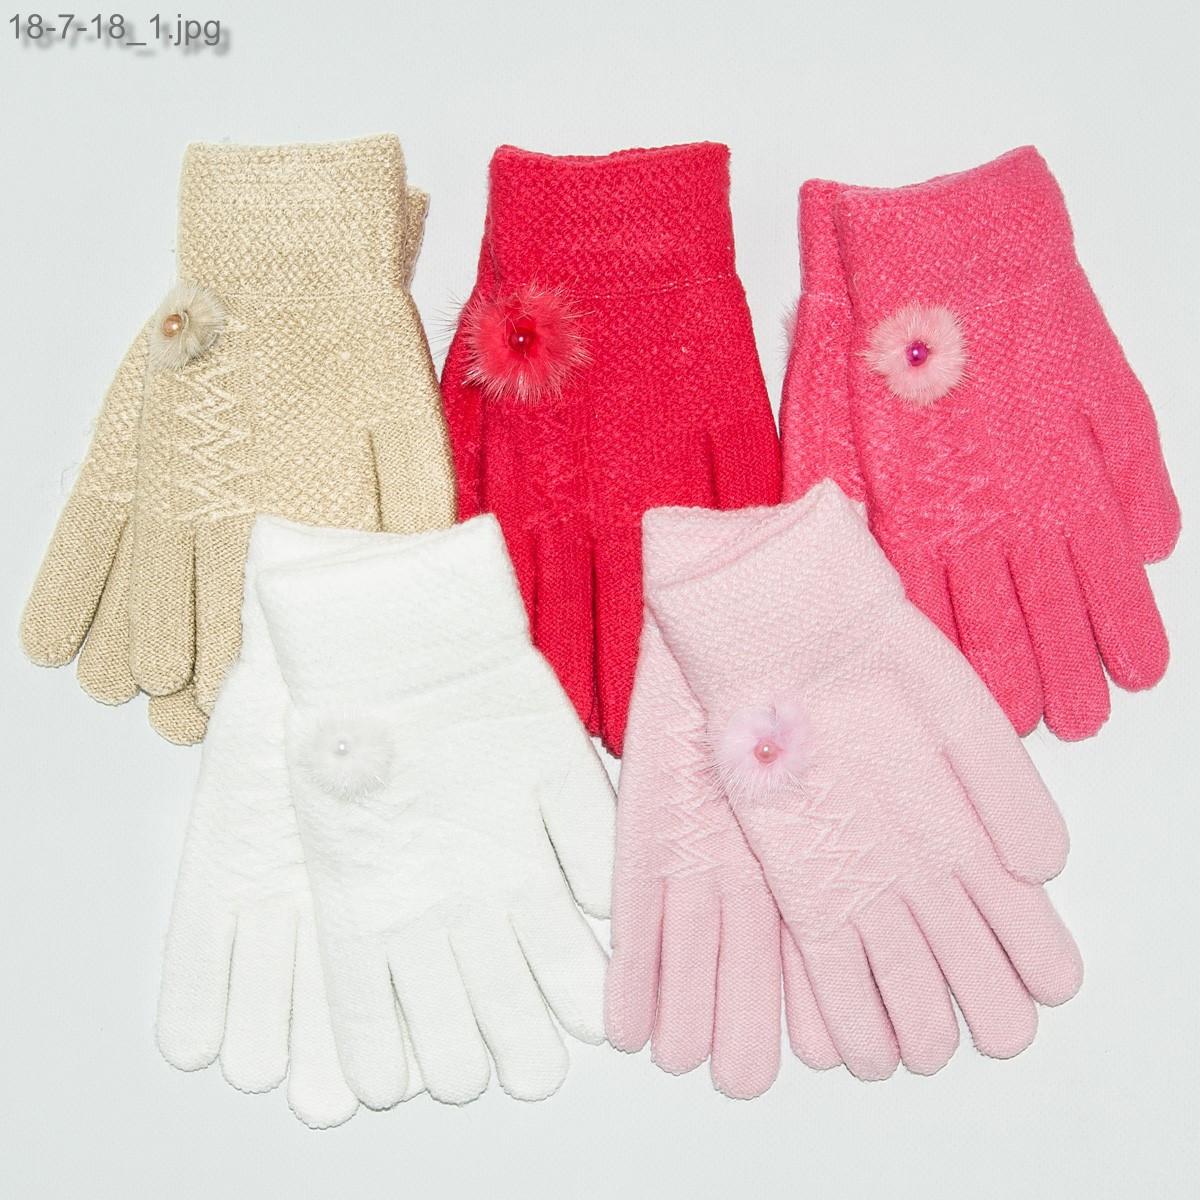 Оптом детские двойные перчатки на девочек 6-9 лет - №18-7-18